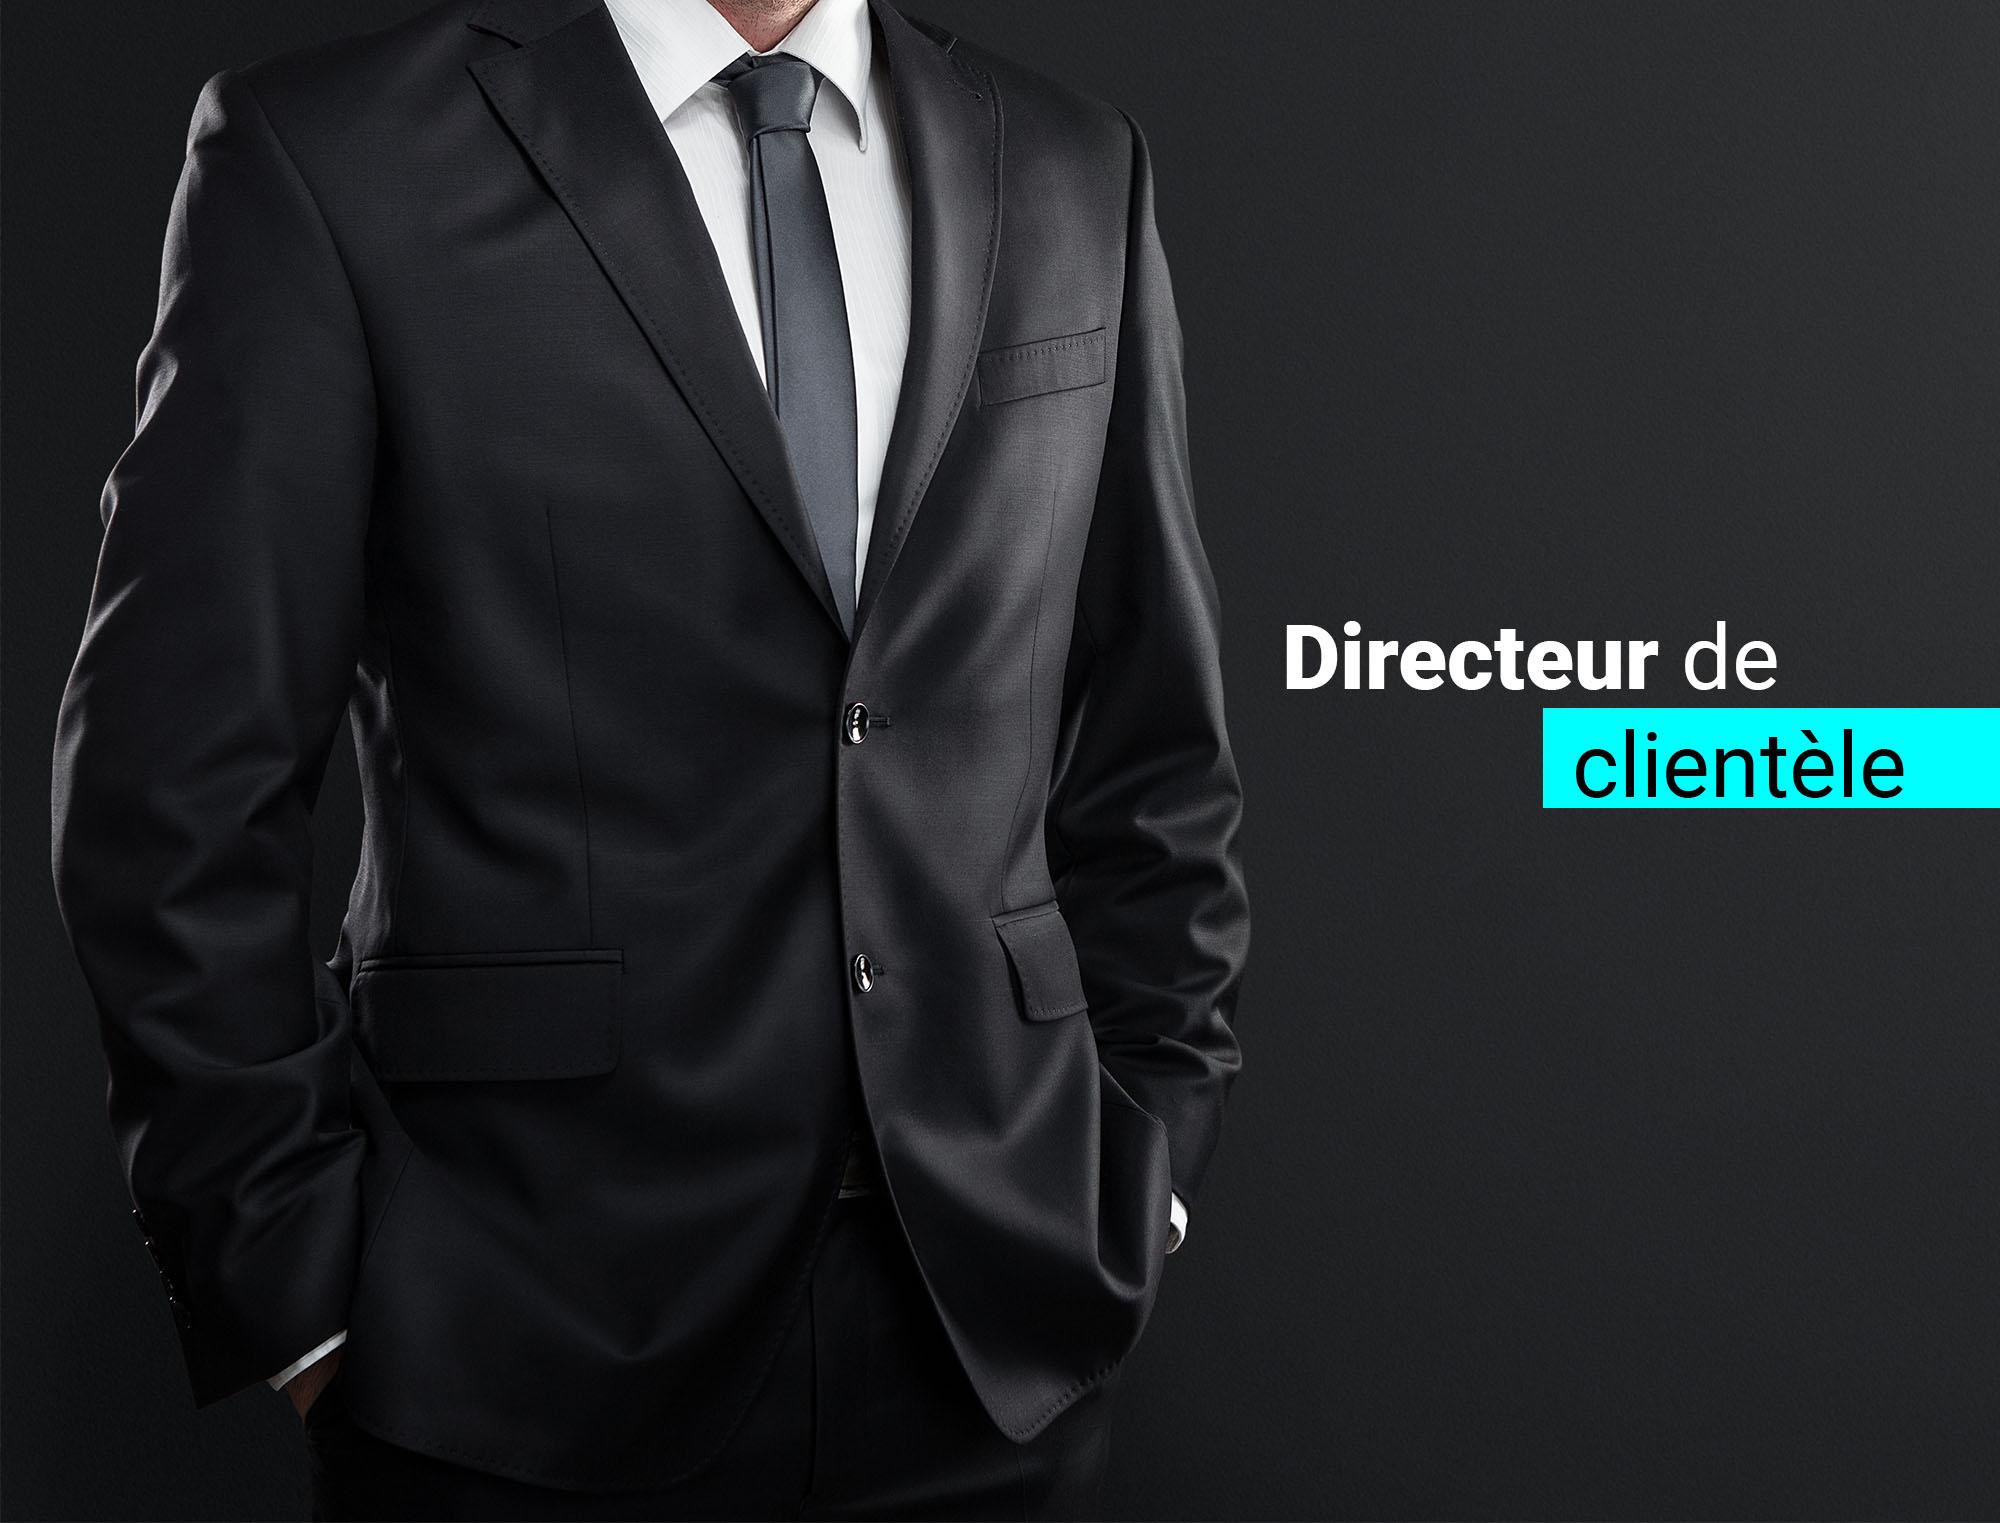 CDI directeur de clientele